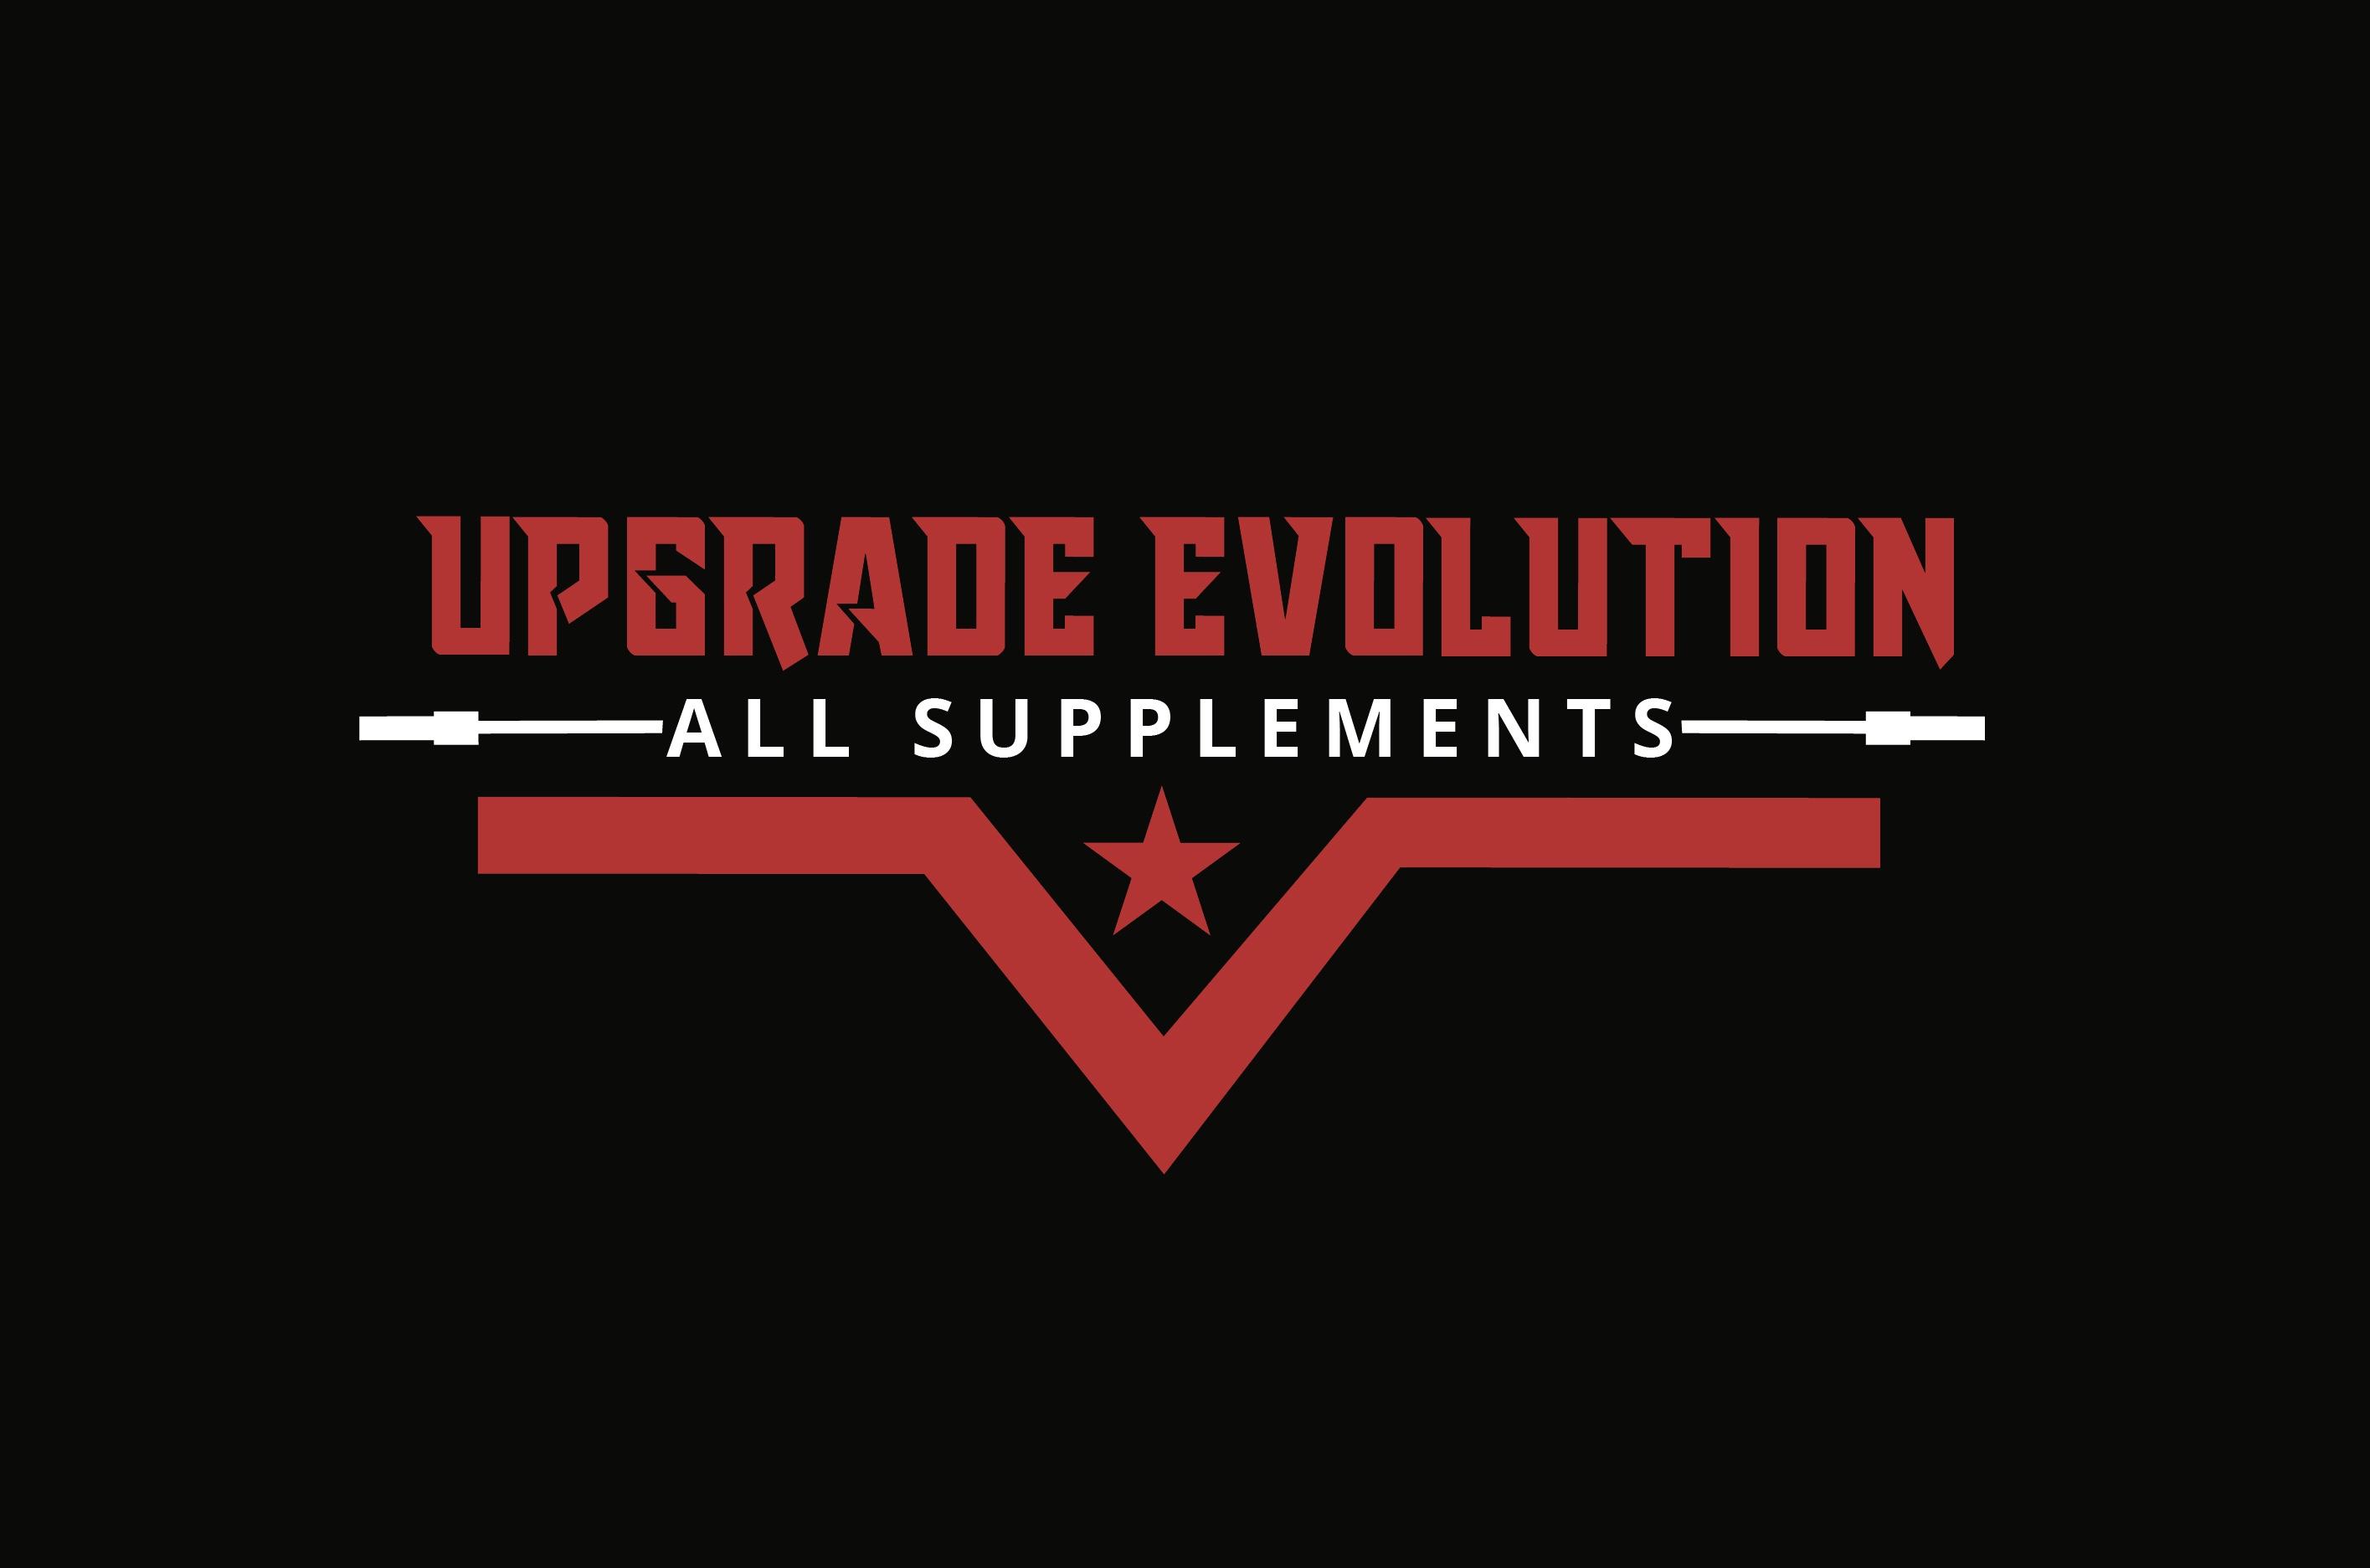 upgradevolution.com